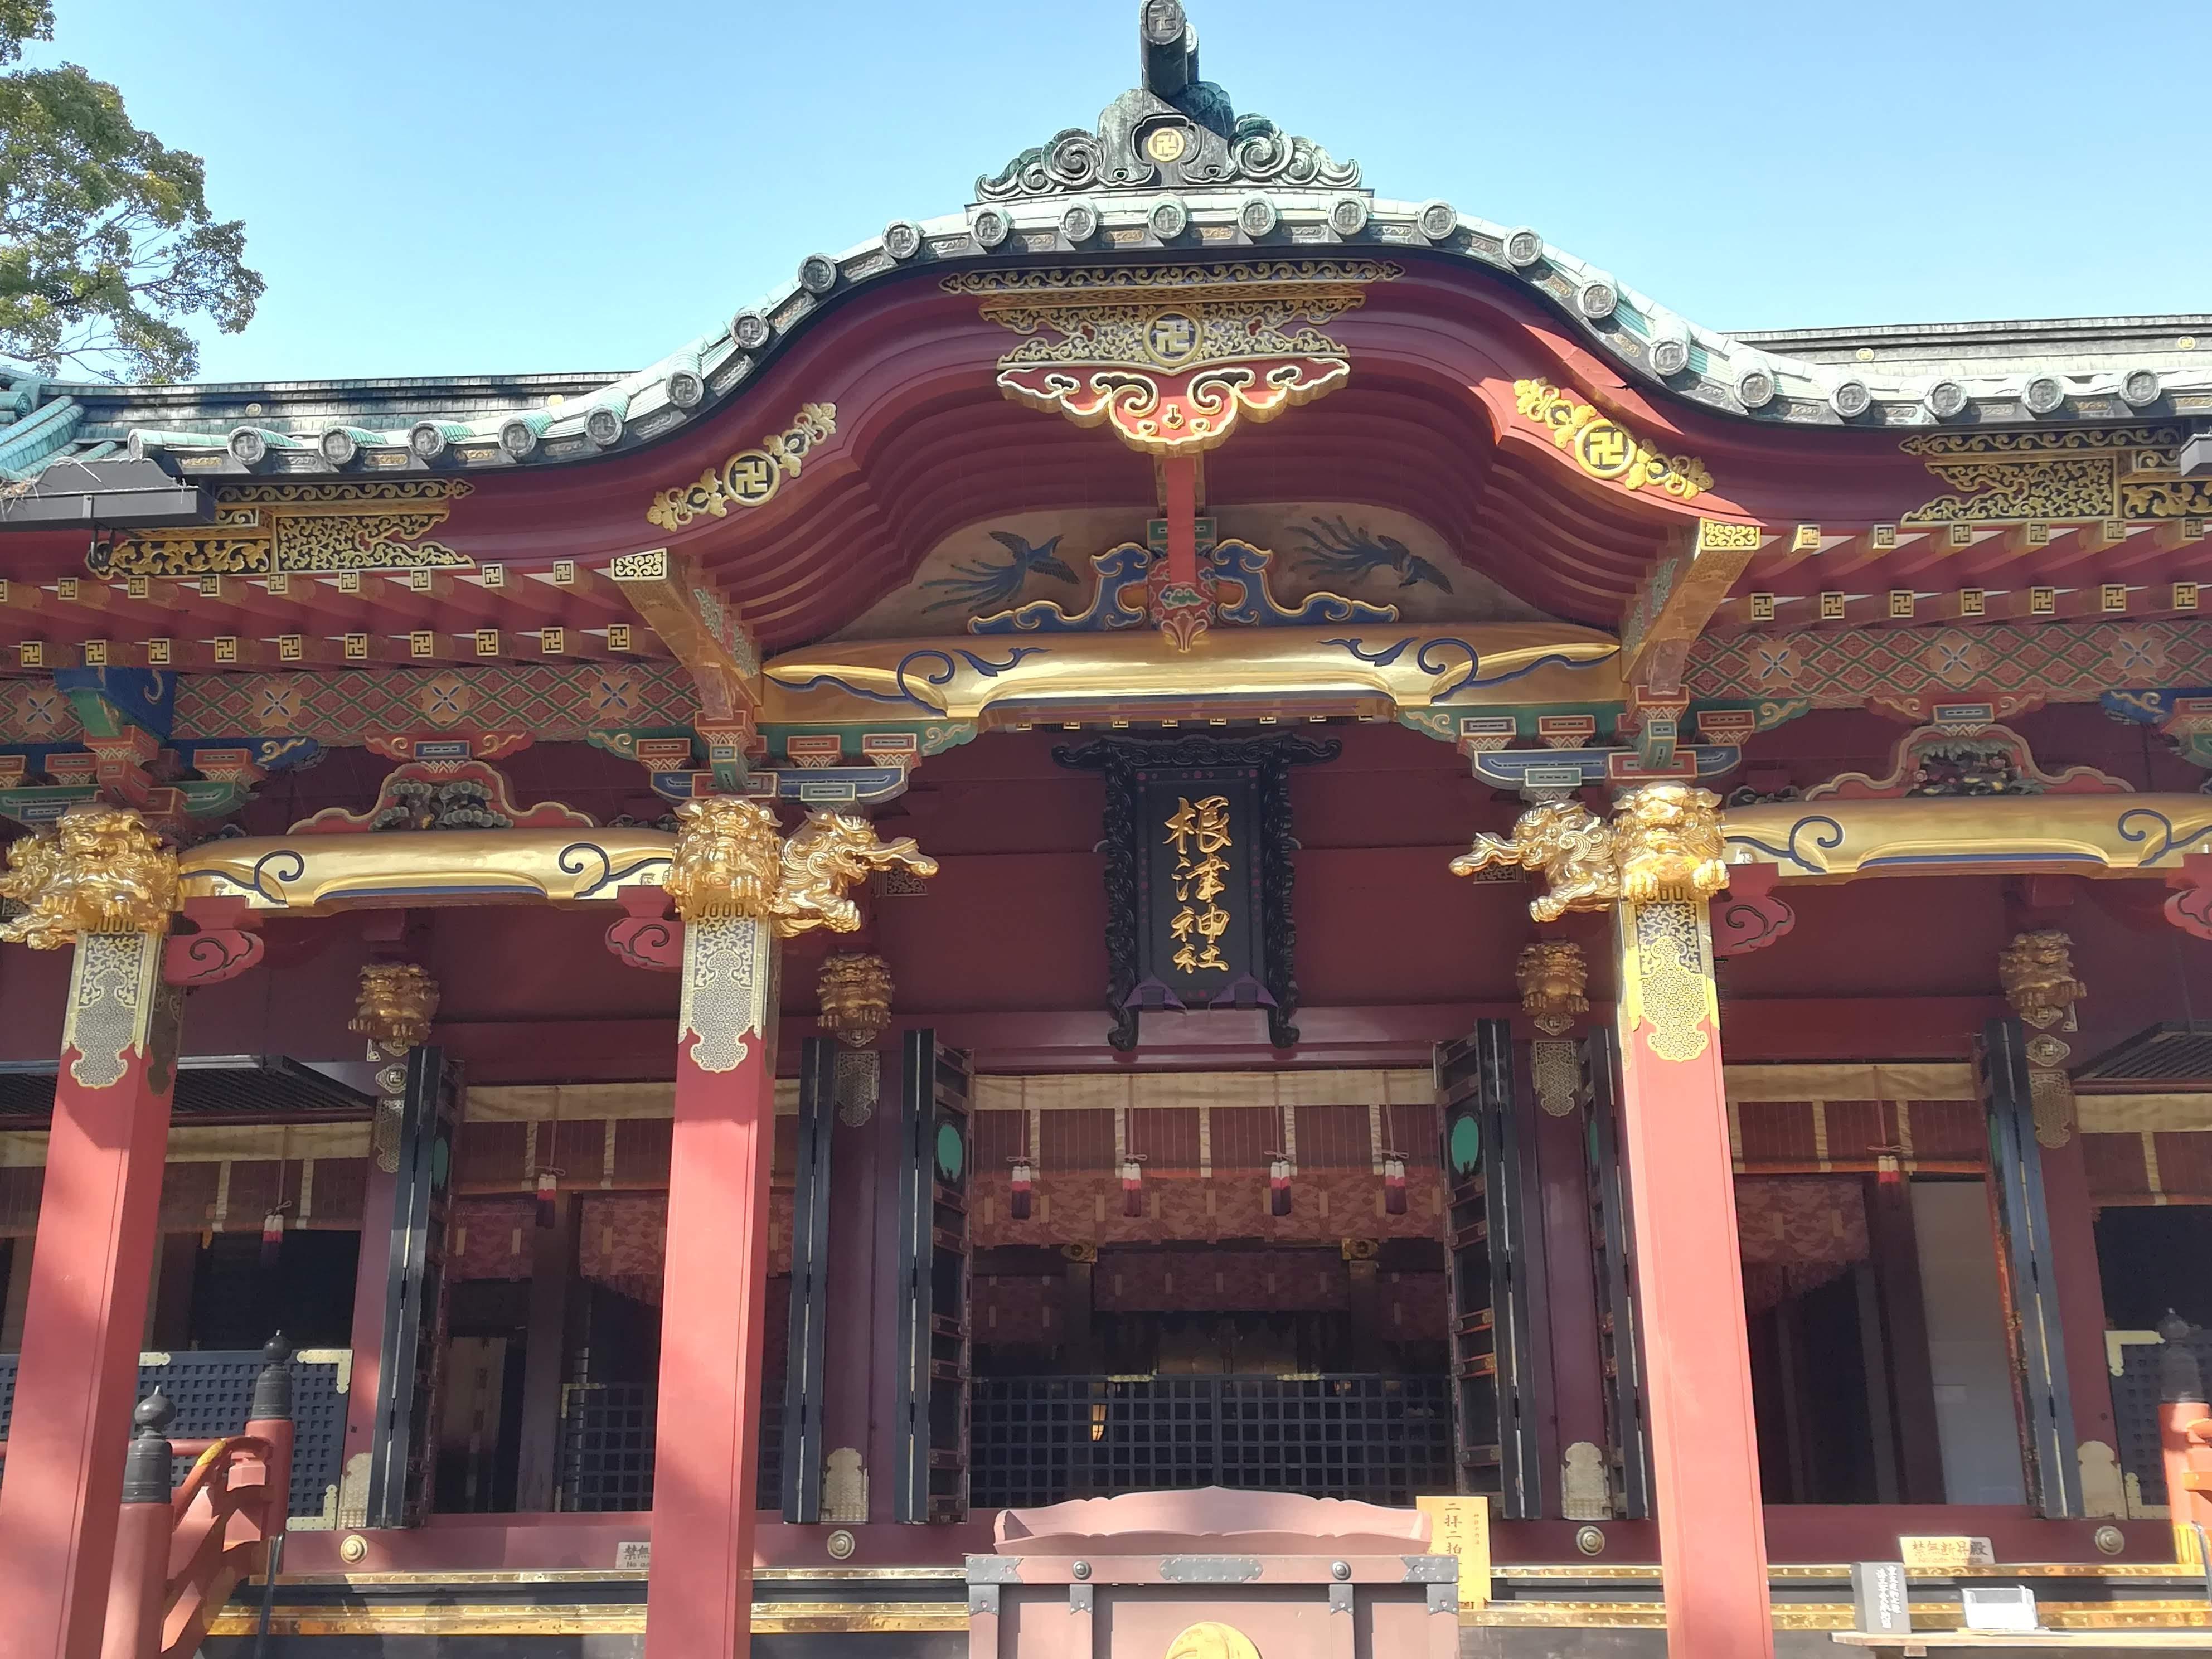 人妻さん日誌:先日、上野の大仏様へ